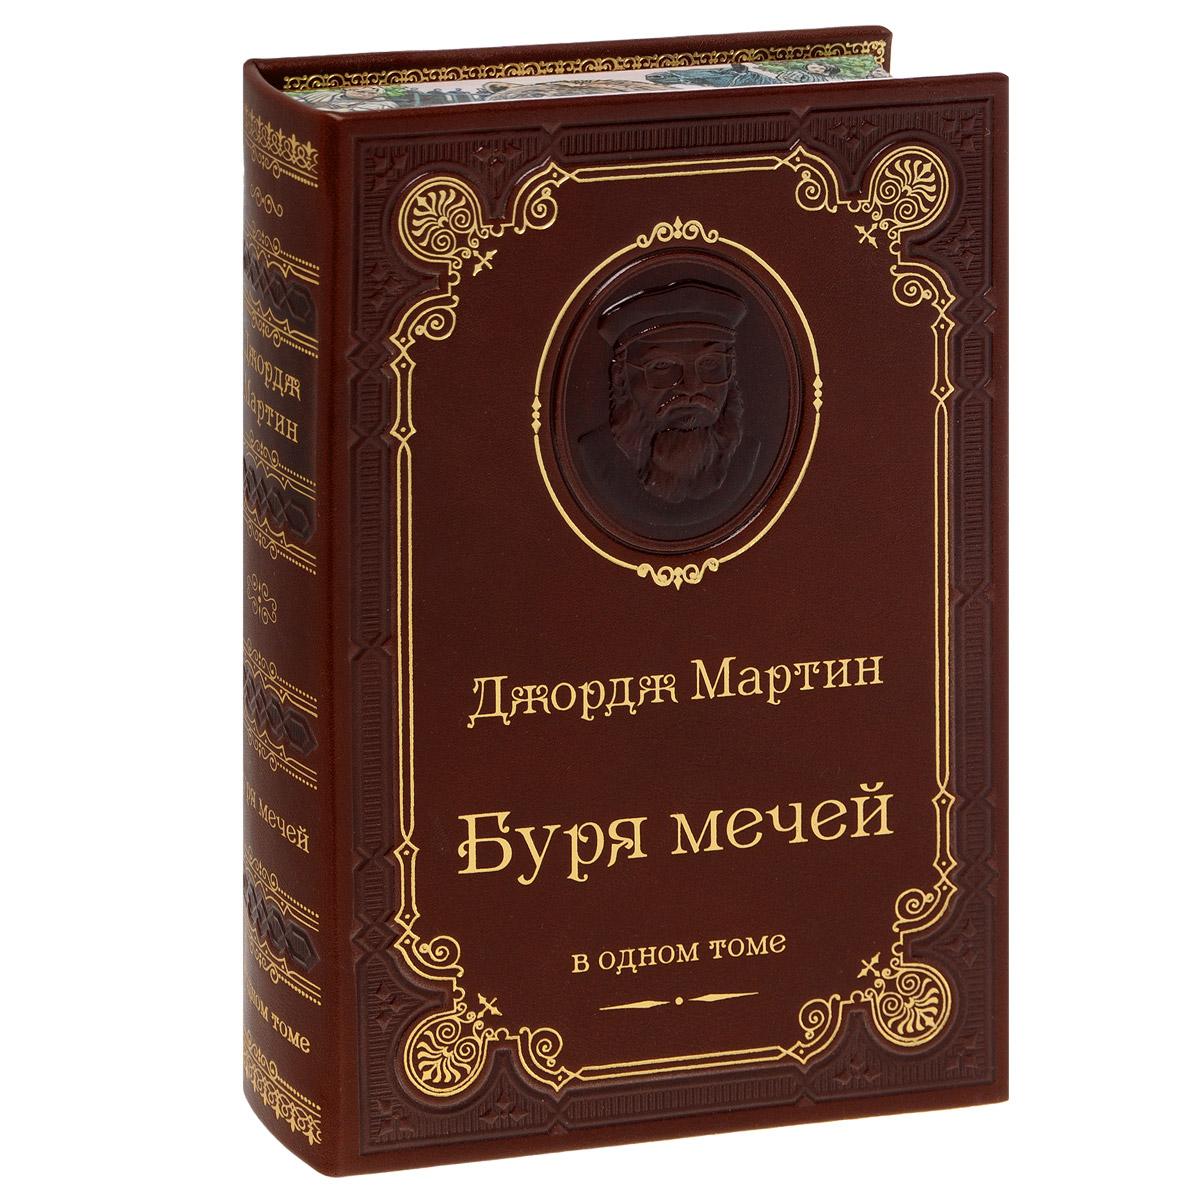 Джордж Мартин Буря мечей (подарочное издание)